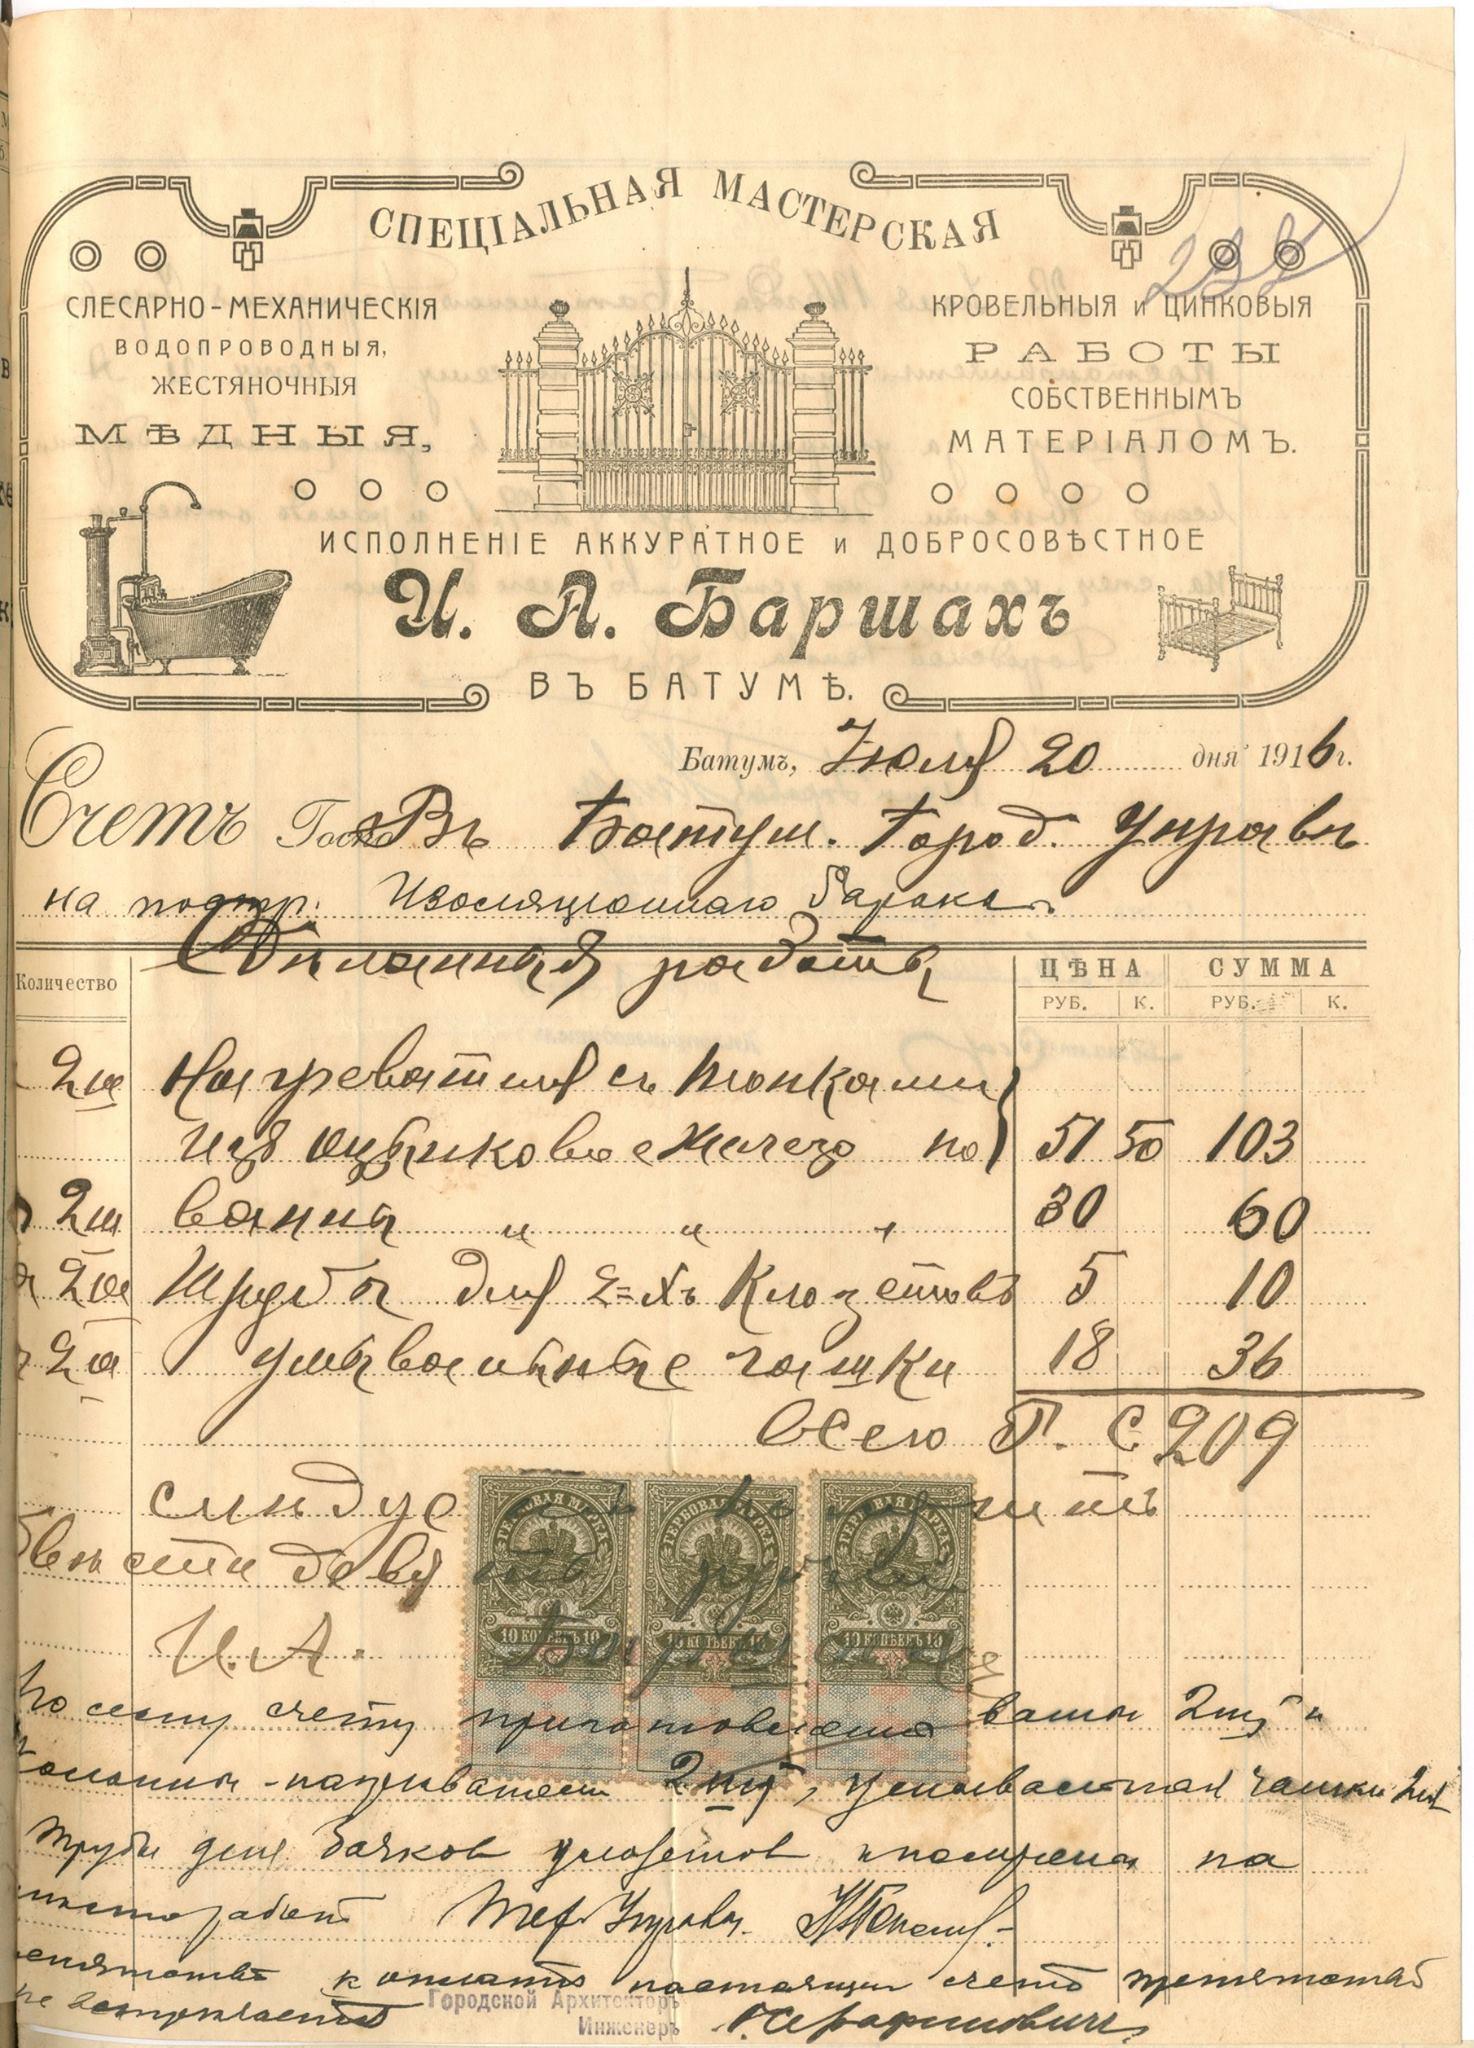 ბათუმში მდებარე საწარმო. 1916 წელი